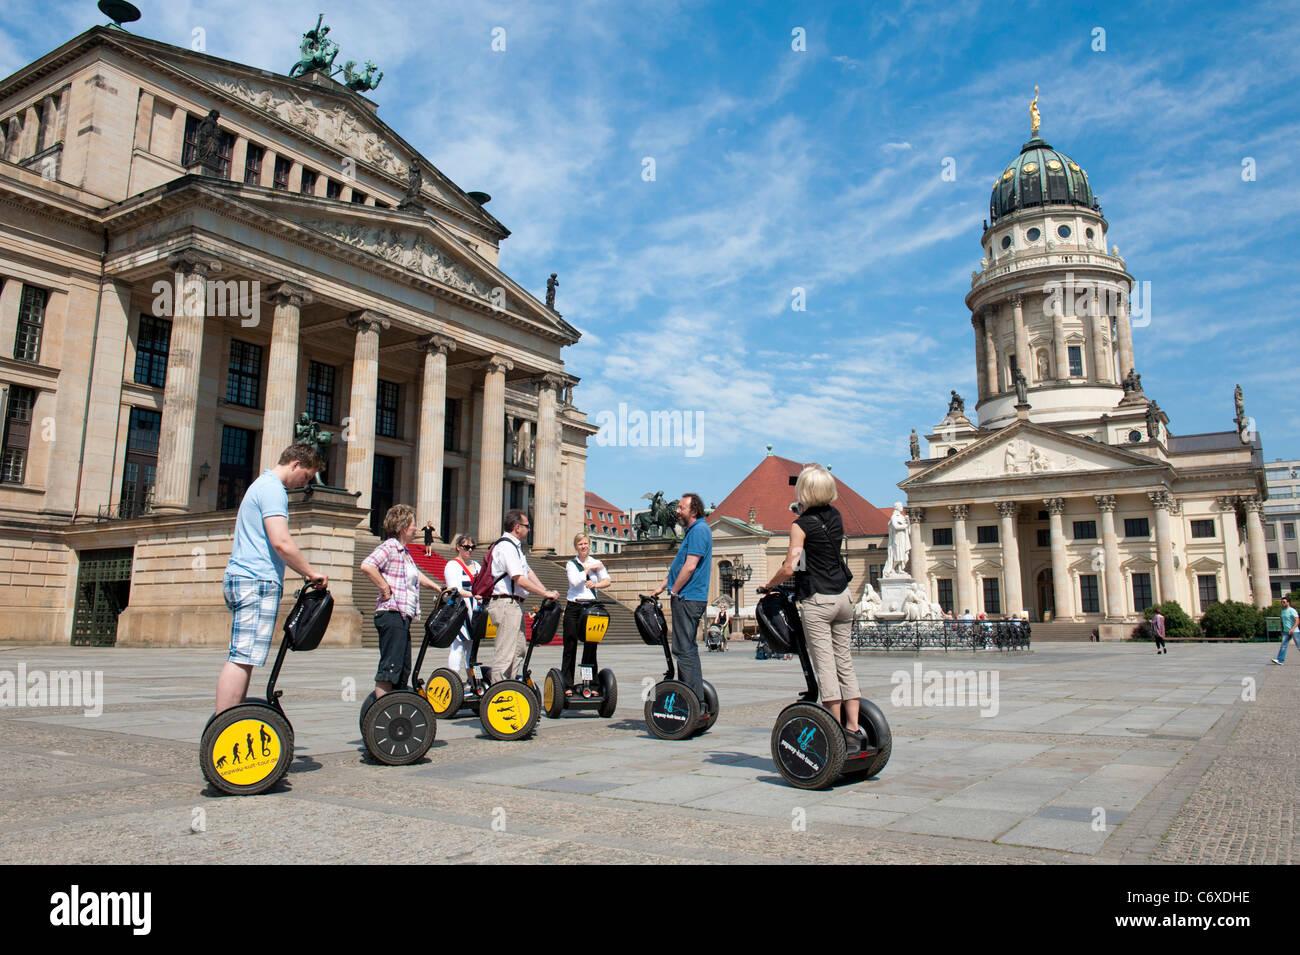 Touristen auf Segway tour in Gendarmenmarkt Square und Konzerthaus und Franzosischer Dom in Mitte Berlins Deutschland Stockbild